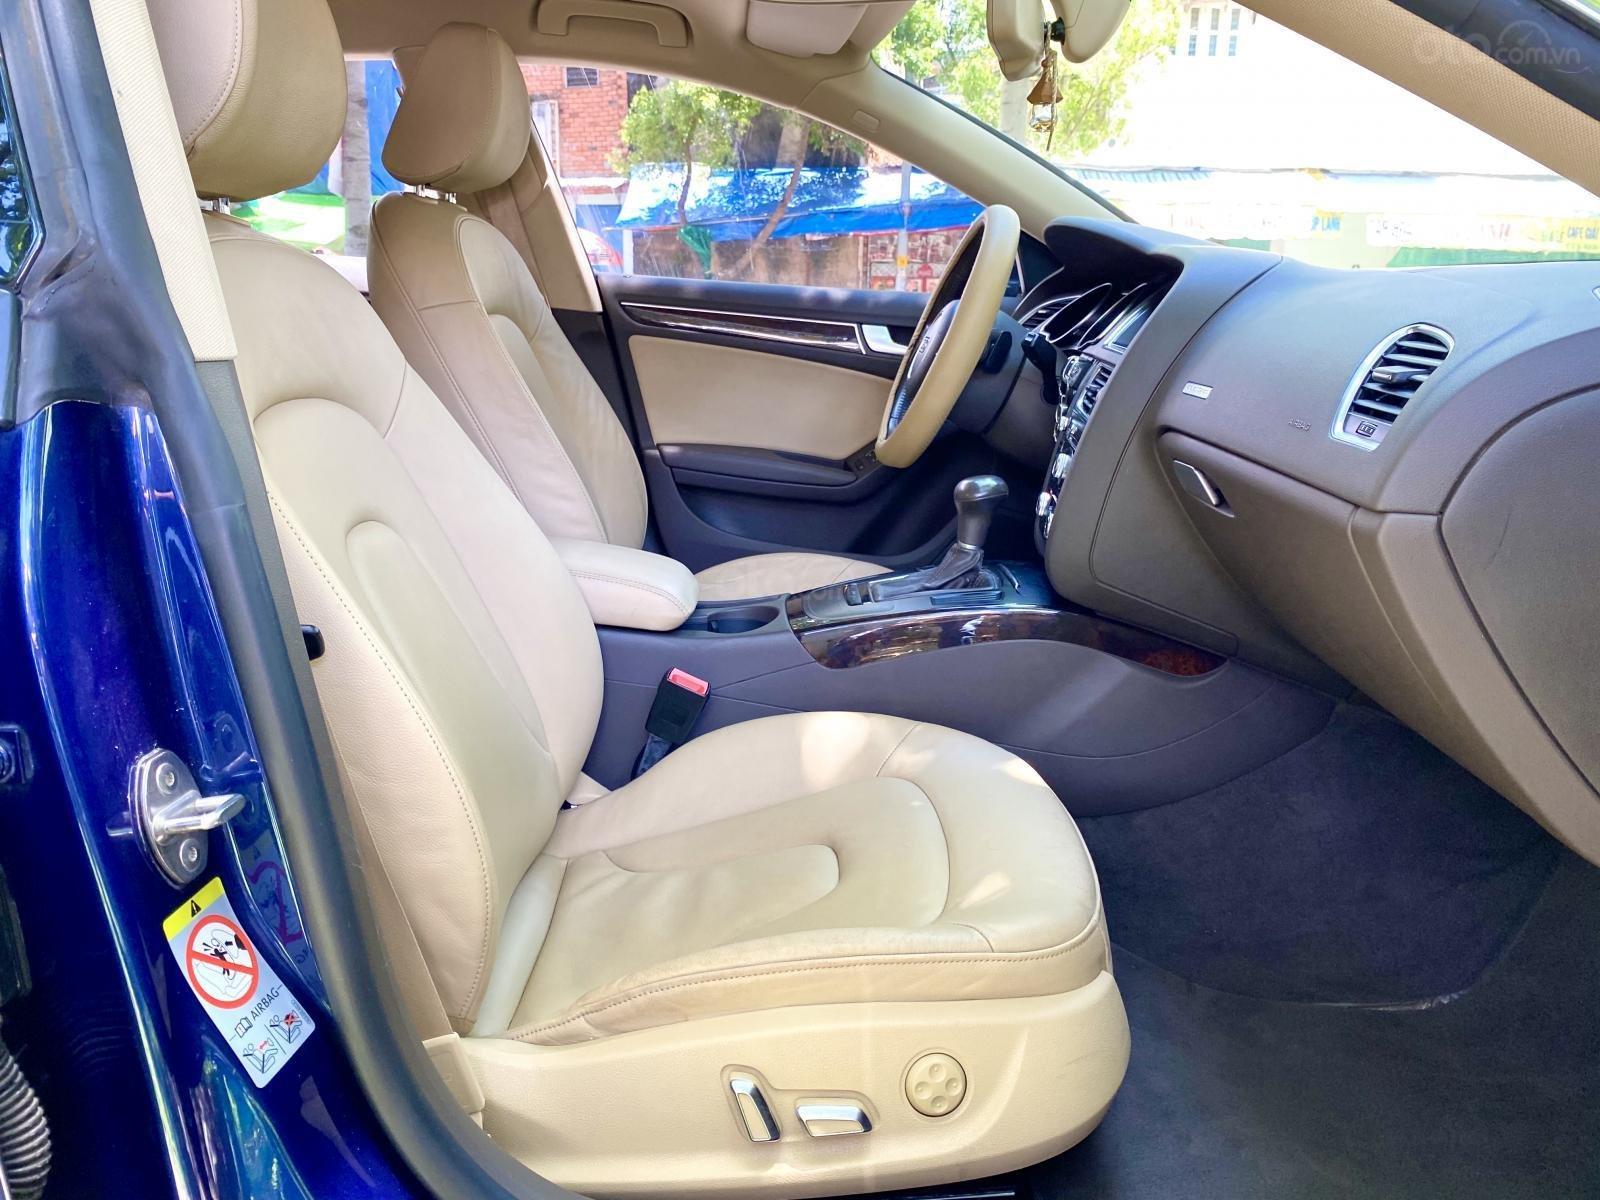 Audi A5 nhập Đức 2015 màu xanh zin, full và độ vào rất nhiều đồ chơi cao cấp, số tự động 6 cấp, nội thất kem (7)